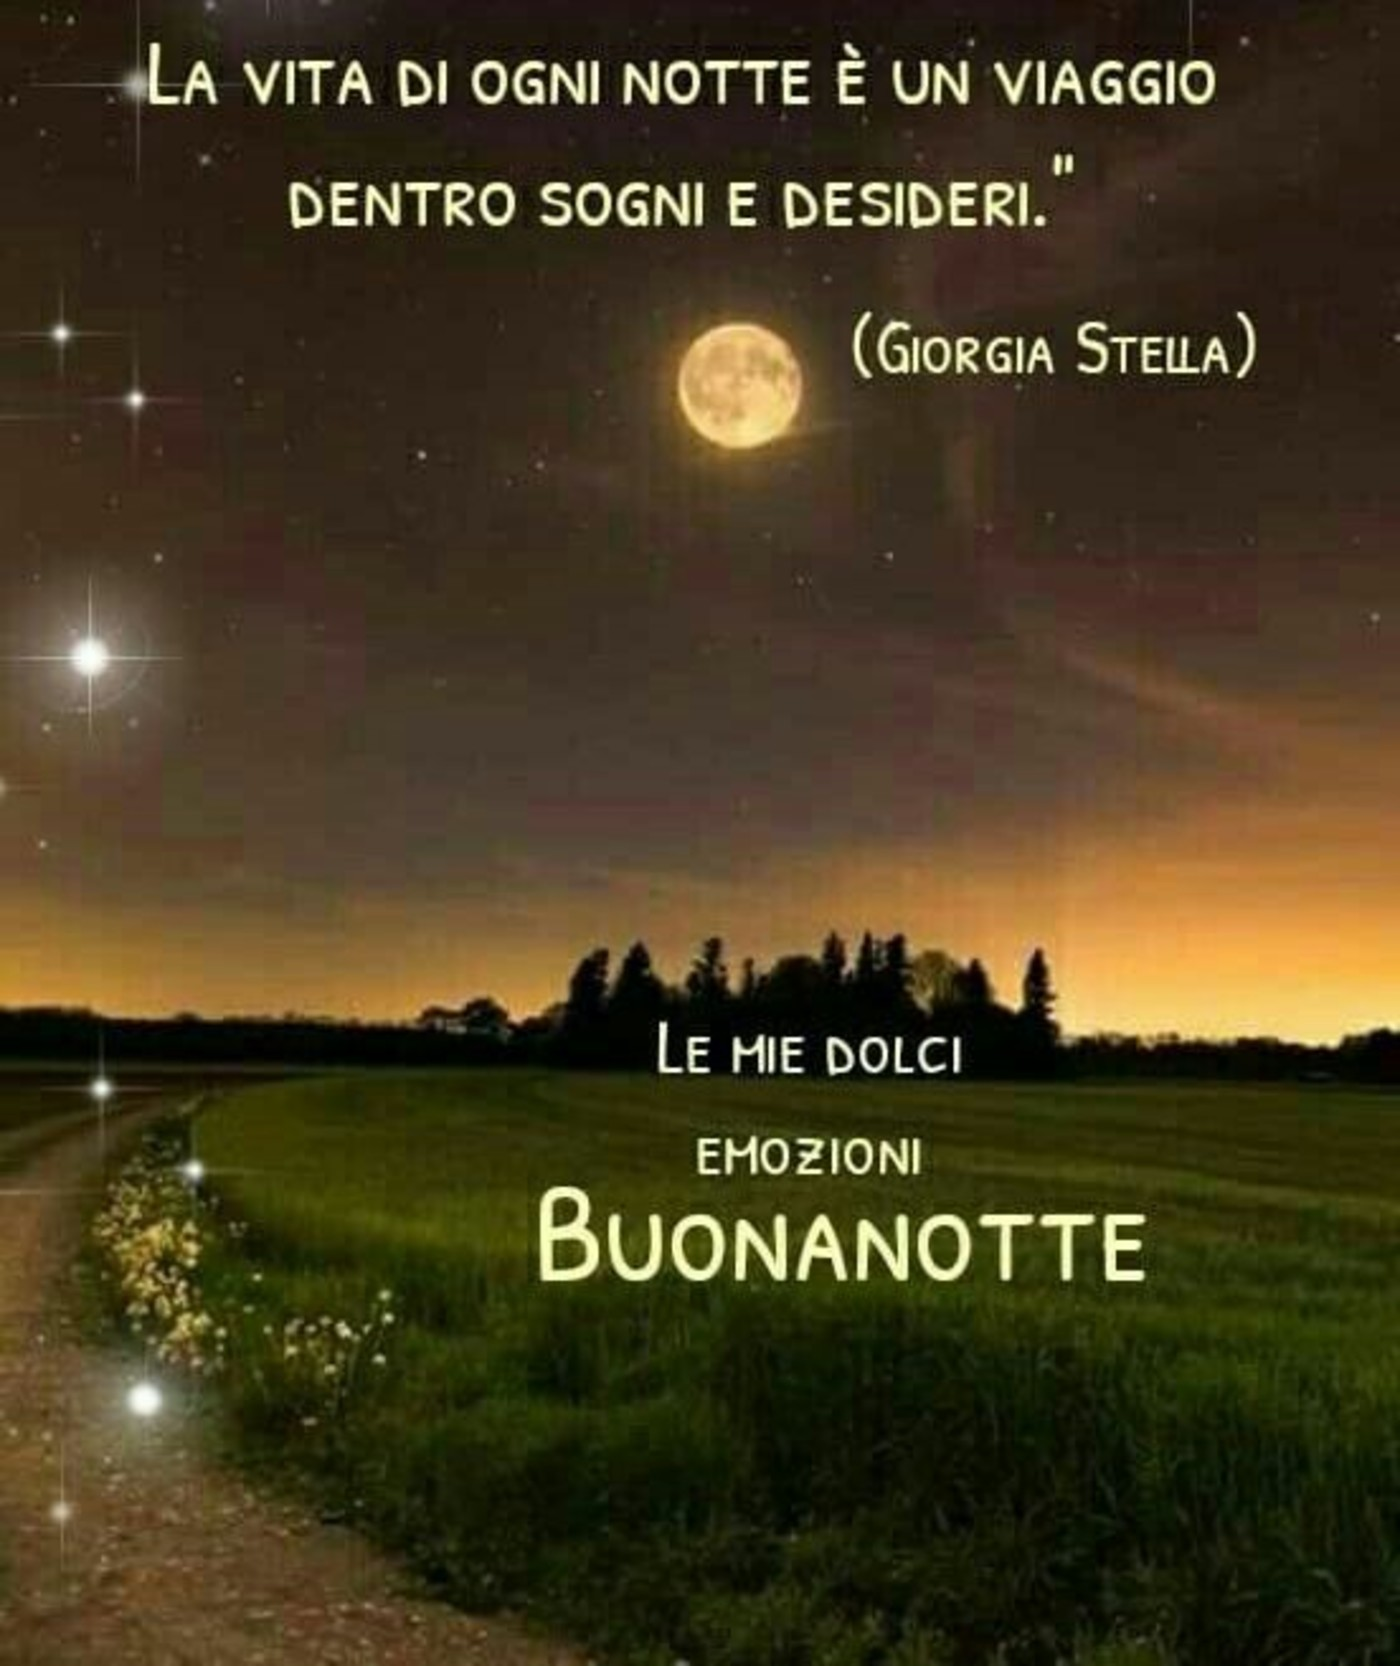 Buonanotte Immagini Nuove Gratis Buongiorno Immagini It